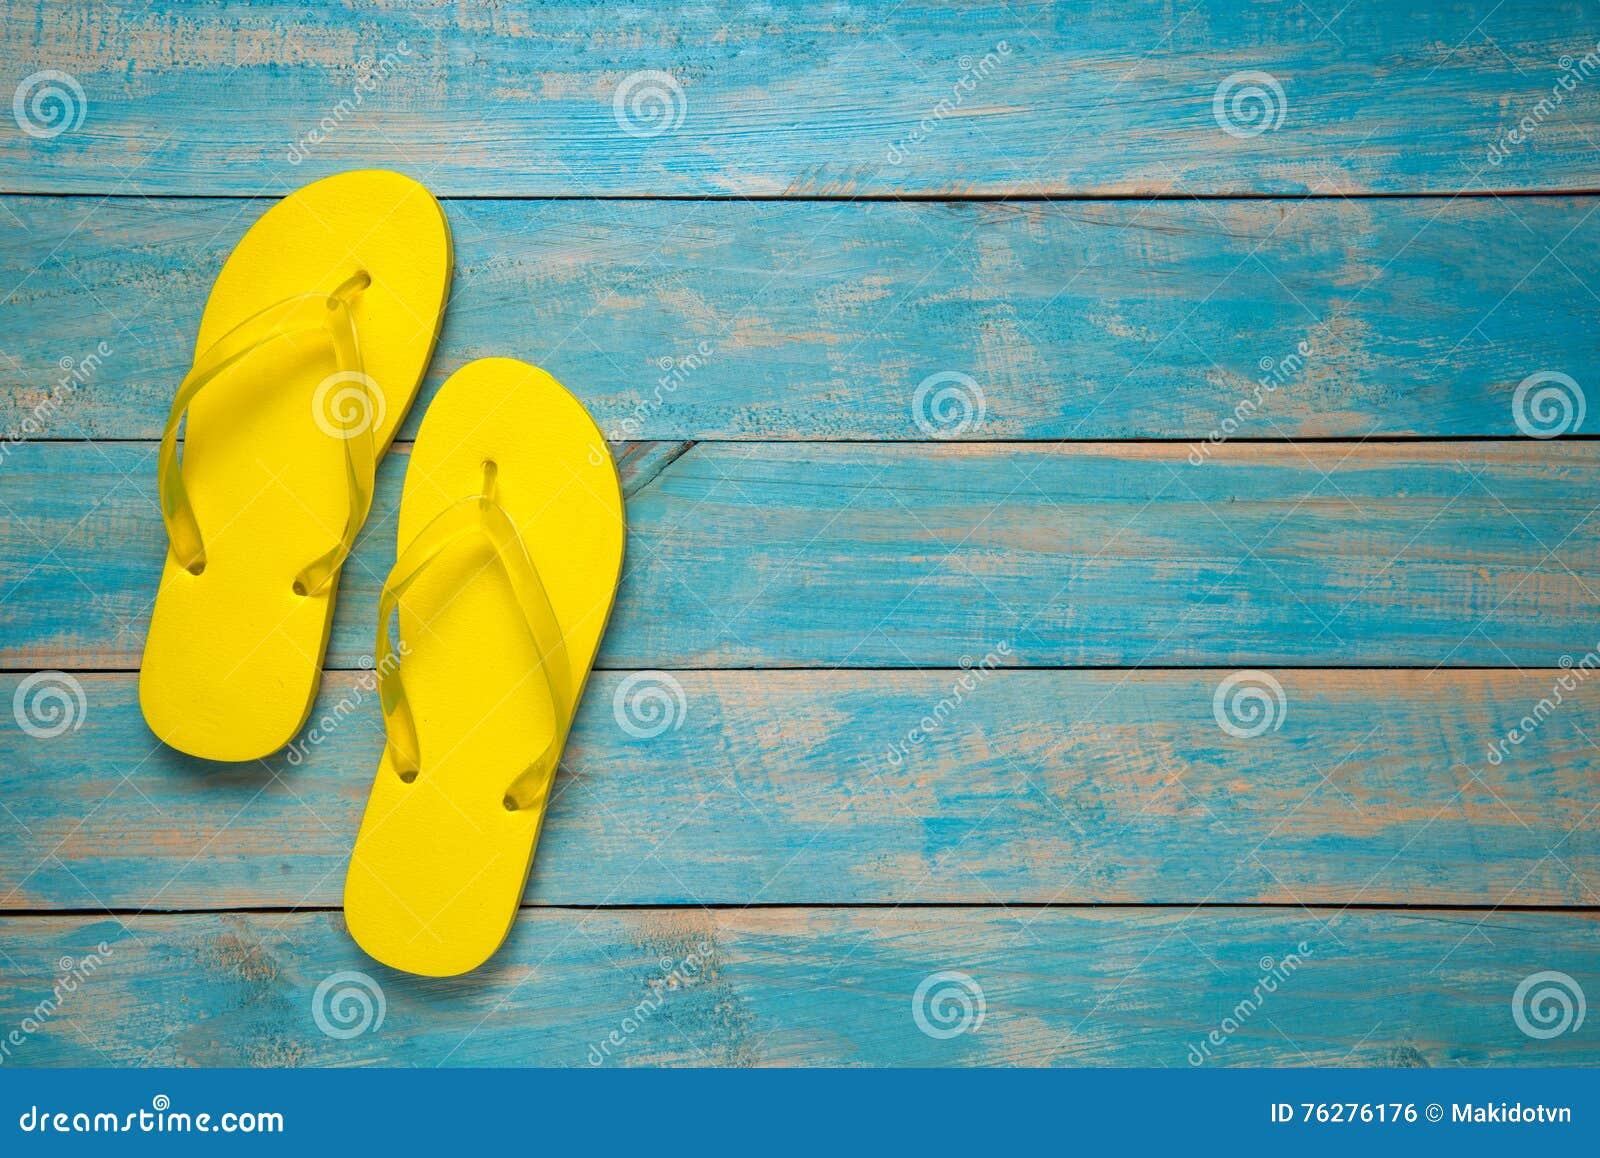 Balanceo, sandalia, verano Sandalias amarillas de la chancleta en la madera azul